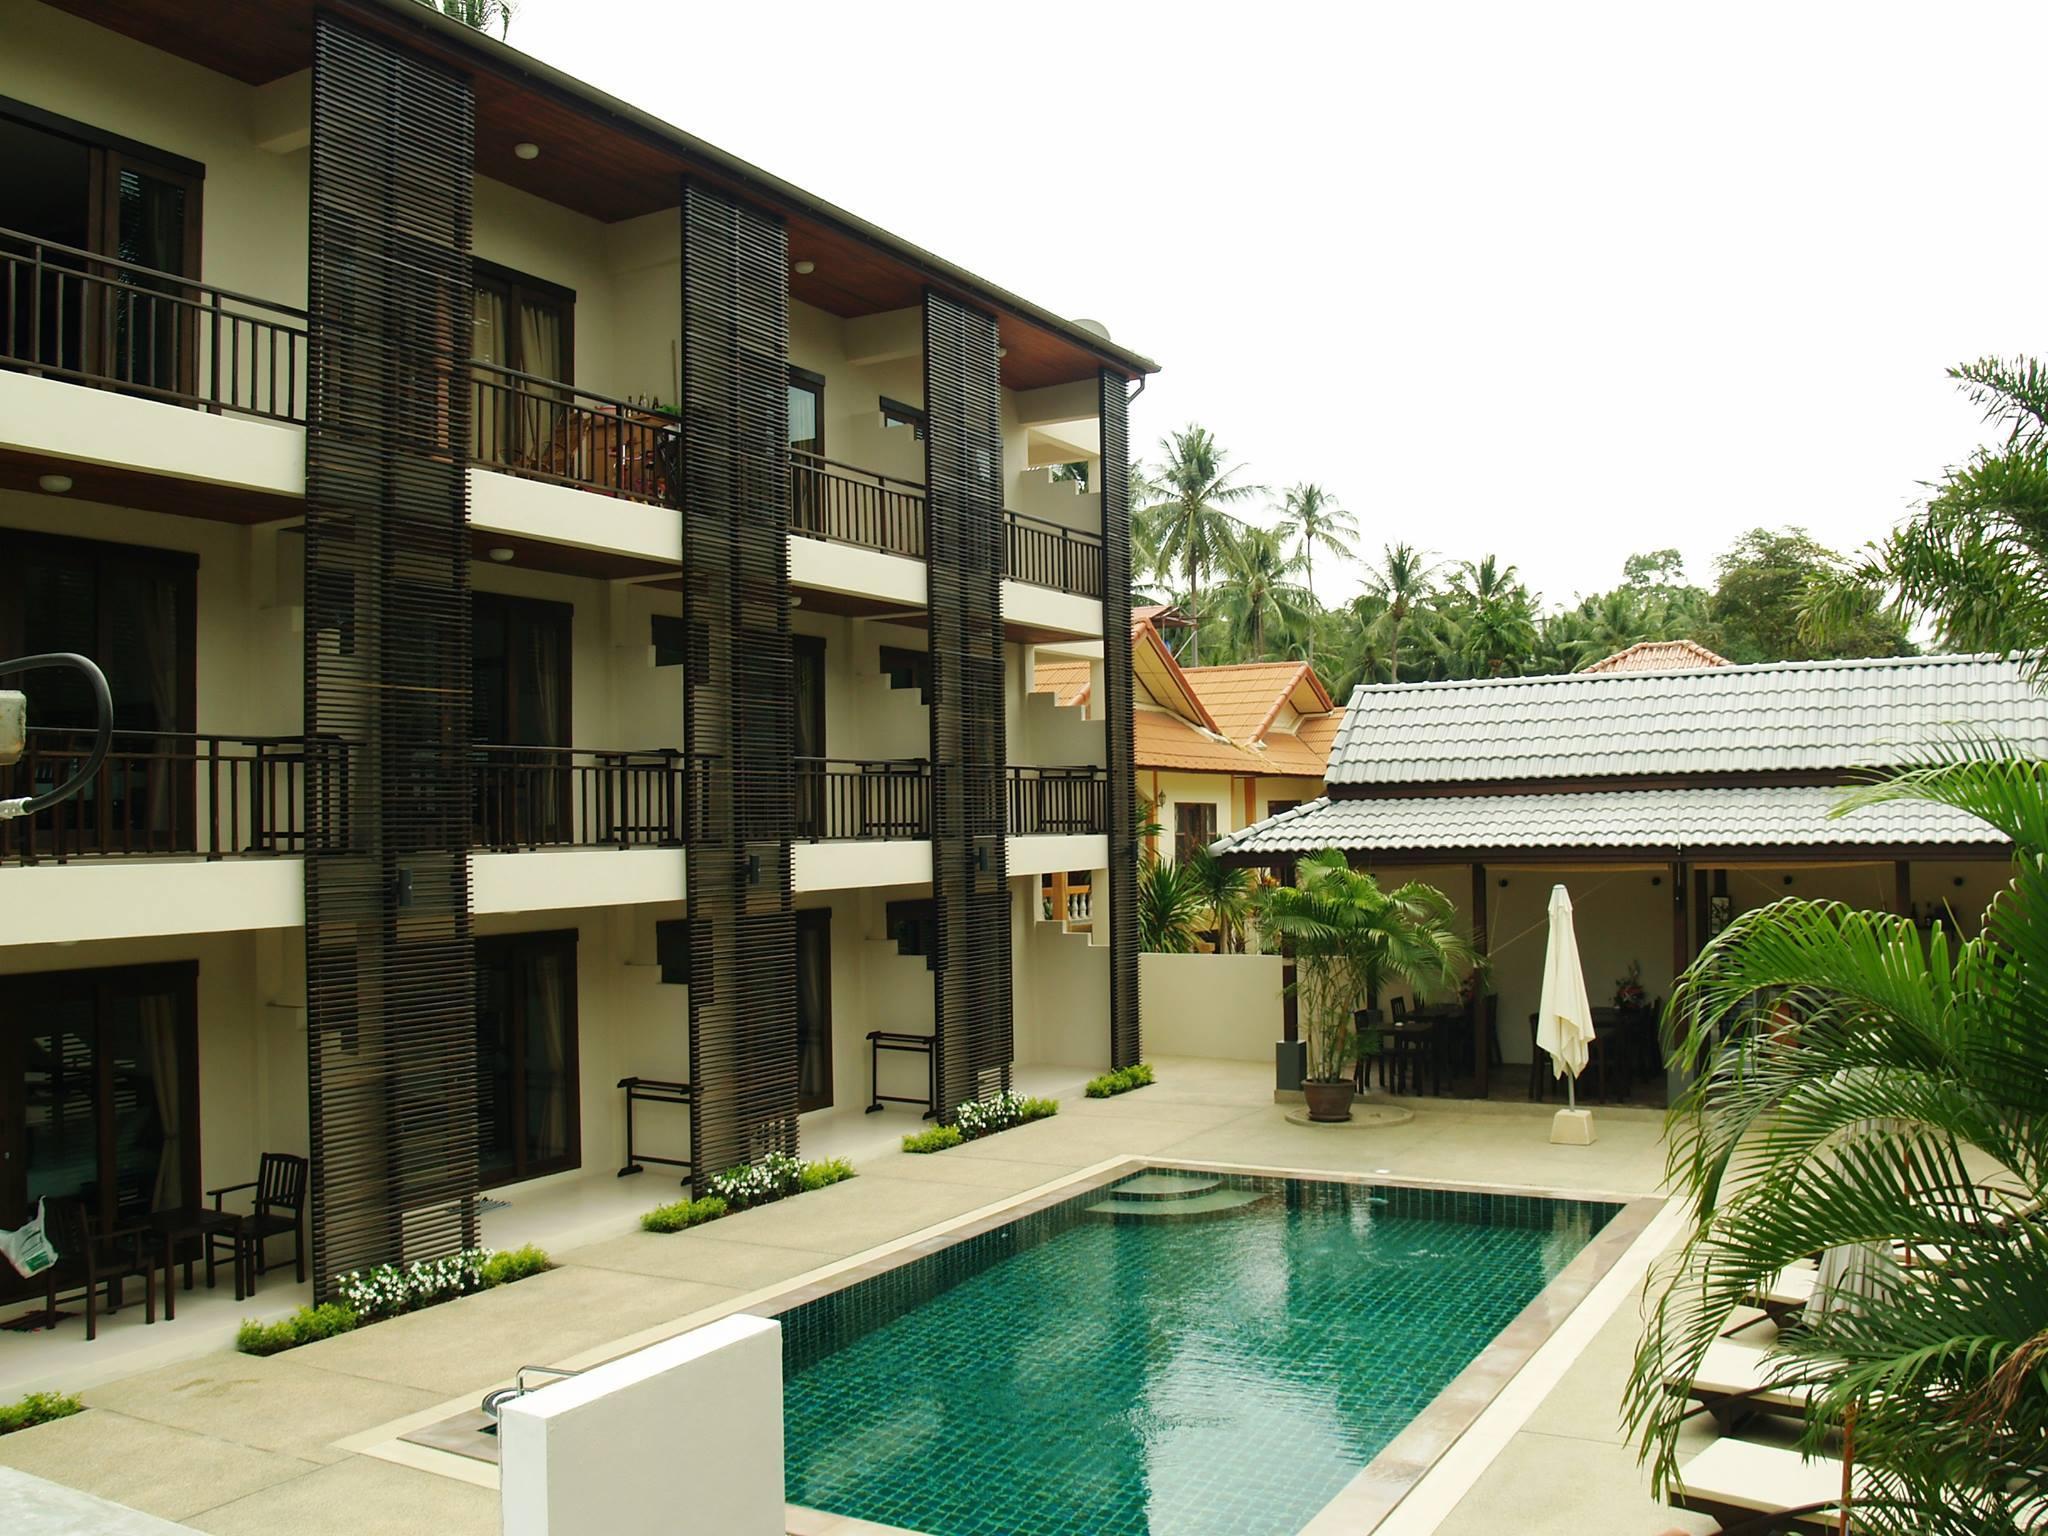 Hotell Ampha Place Hotel i , Samui. Klicka för att läsa mer och skicka bokningsförfrågan